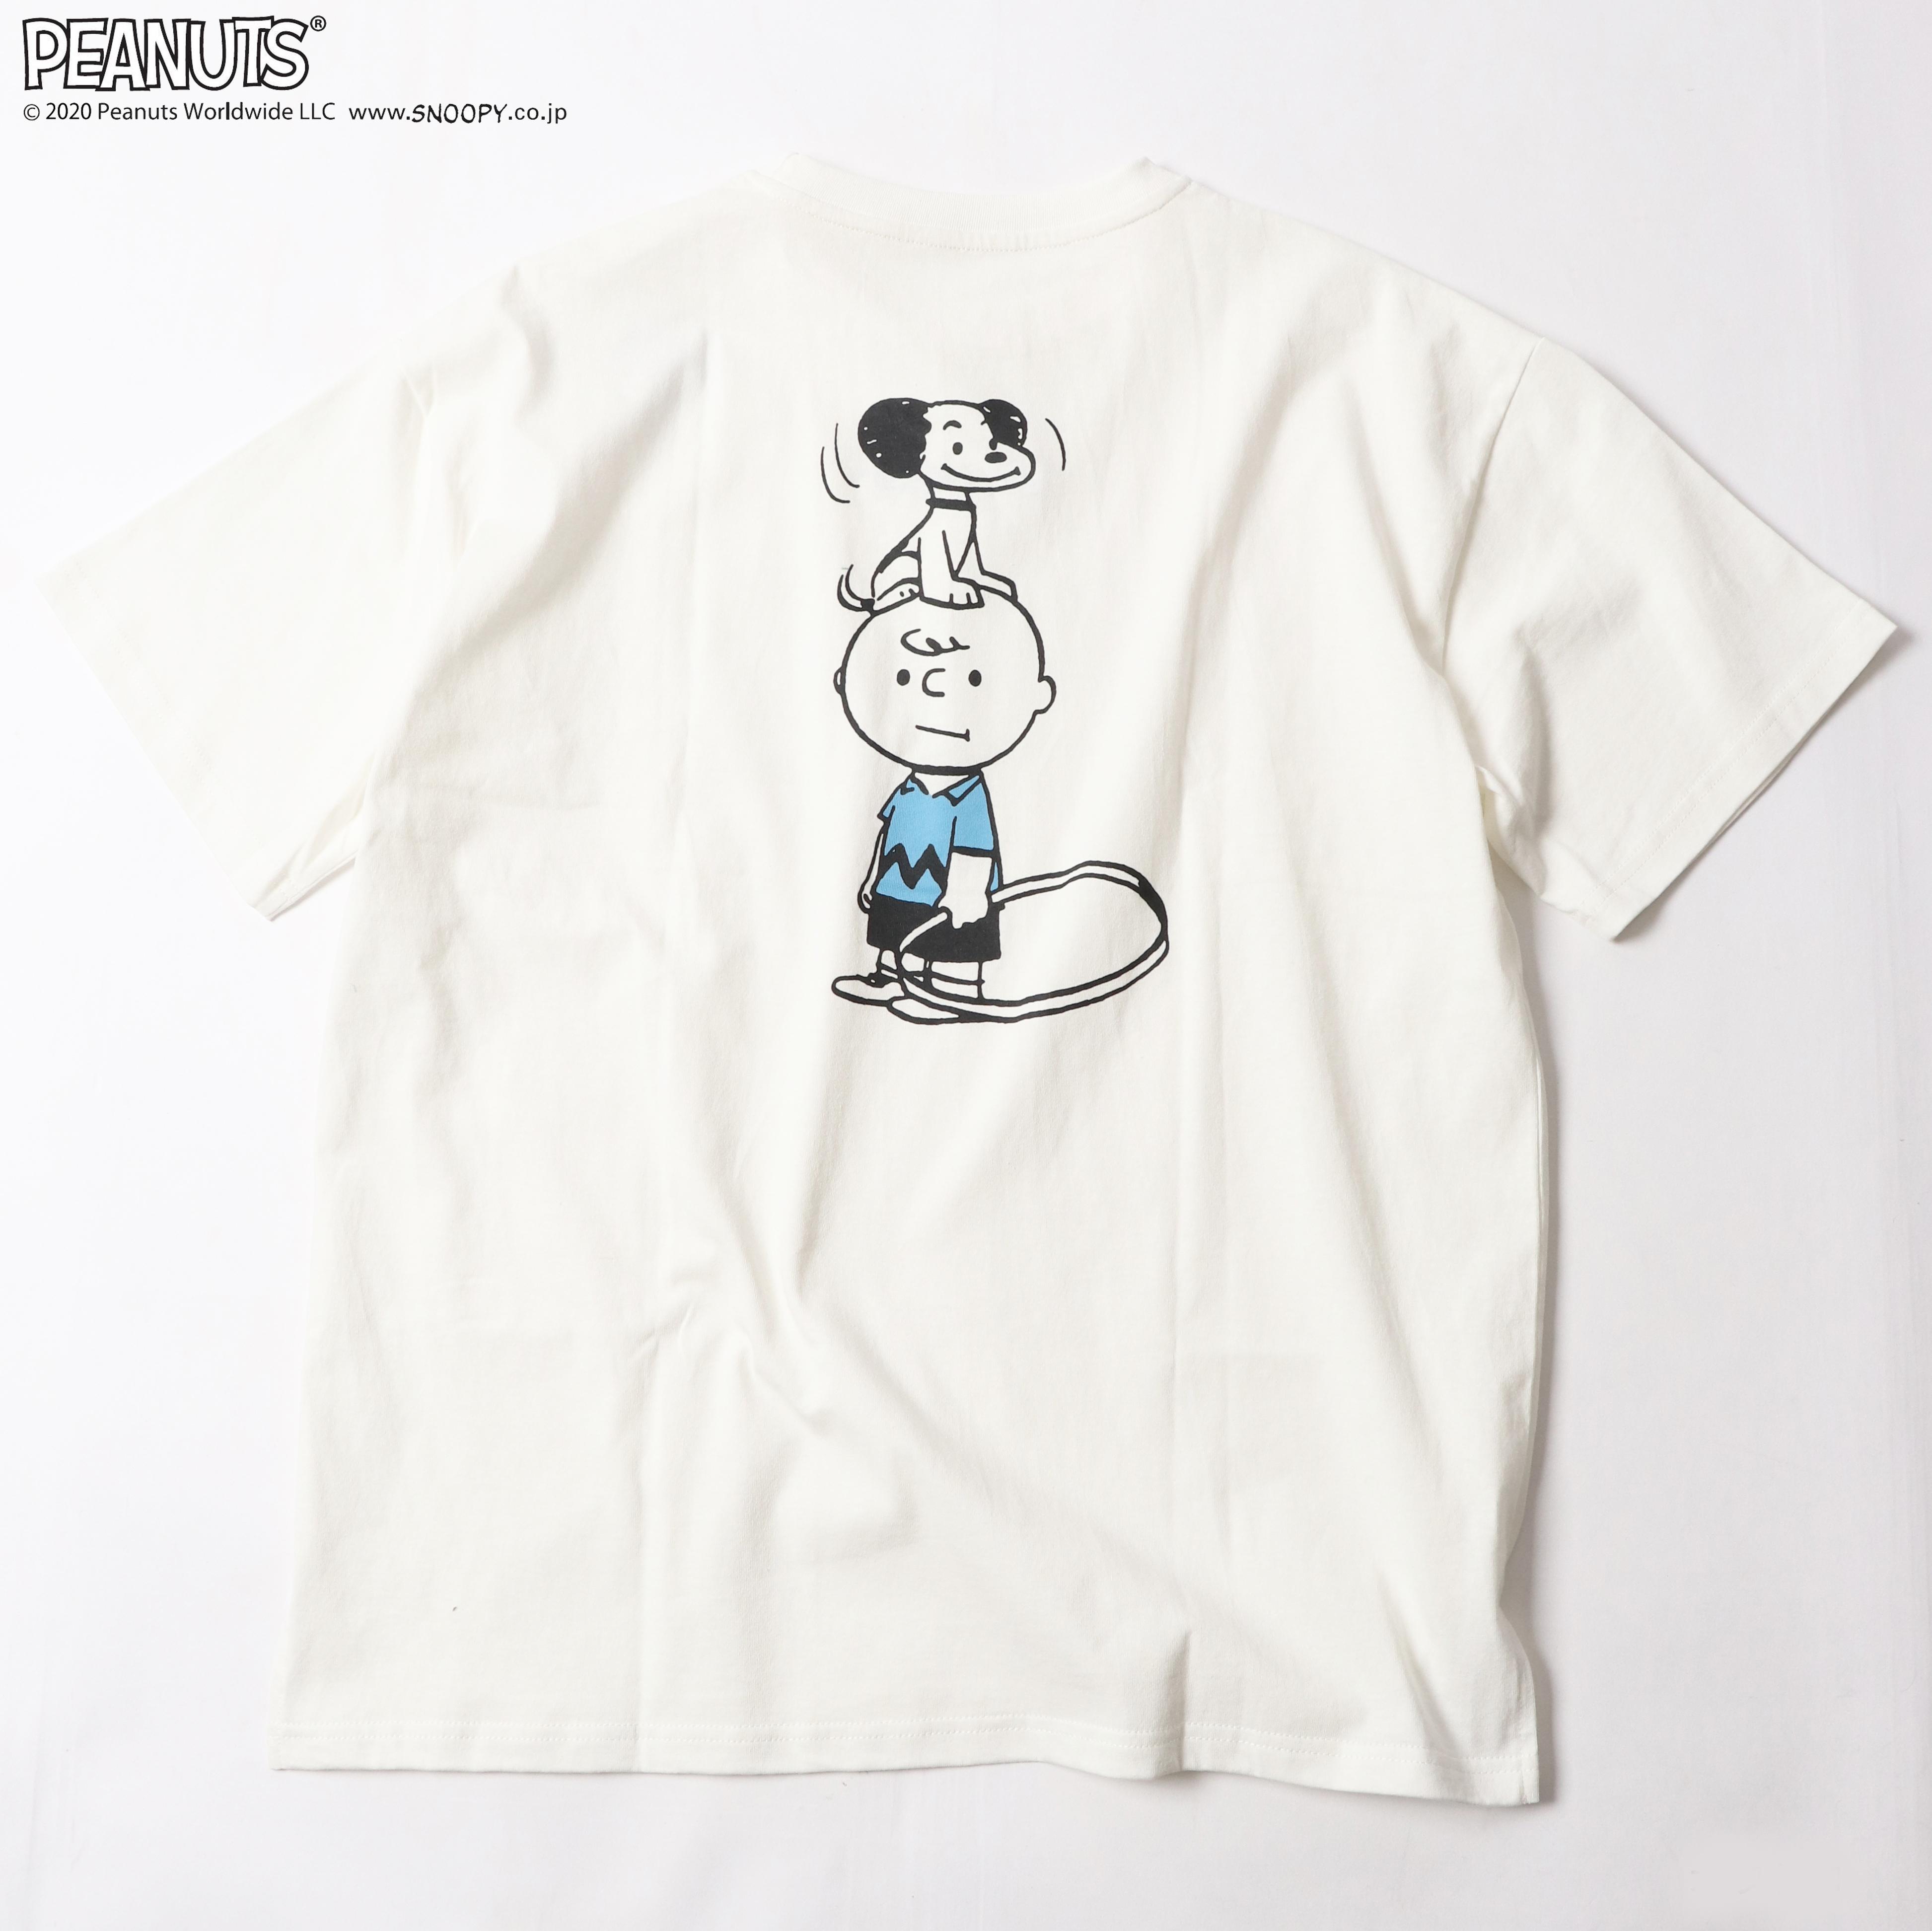 ヴィンテージイラストがレトロかわいいスヌーピー半袖Tシャツ